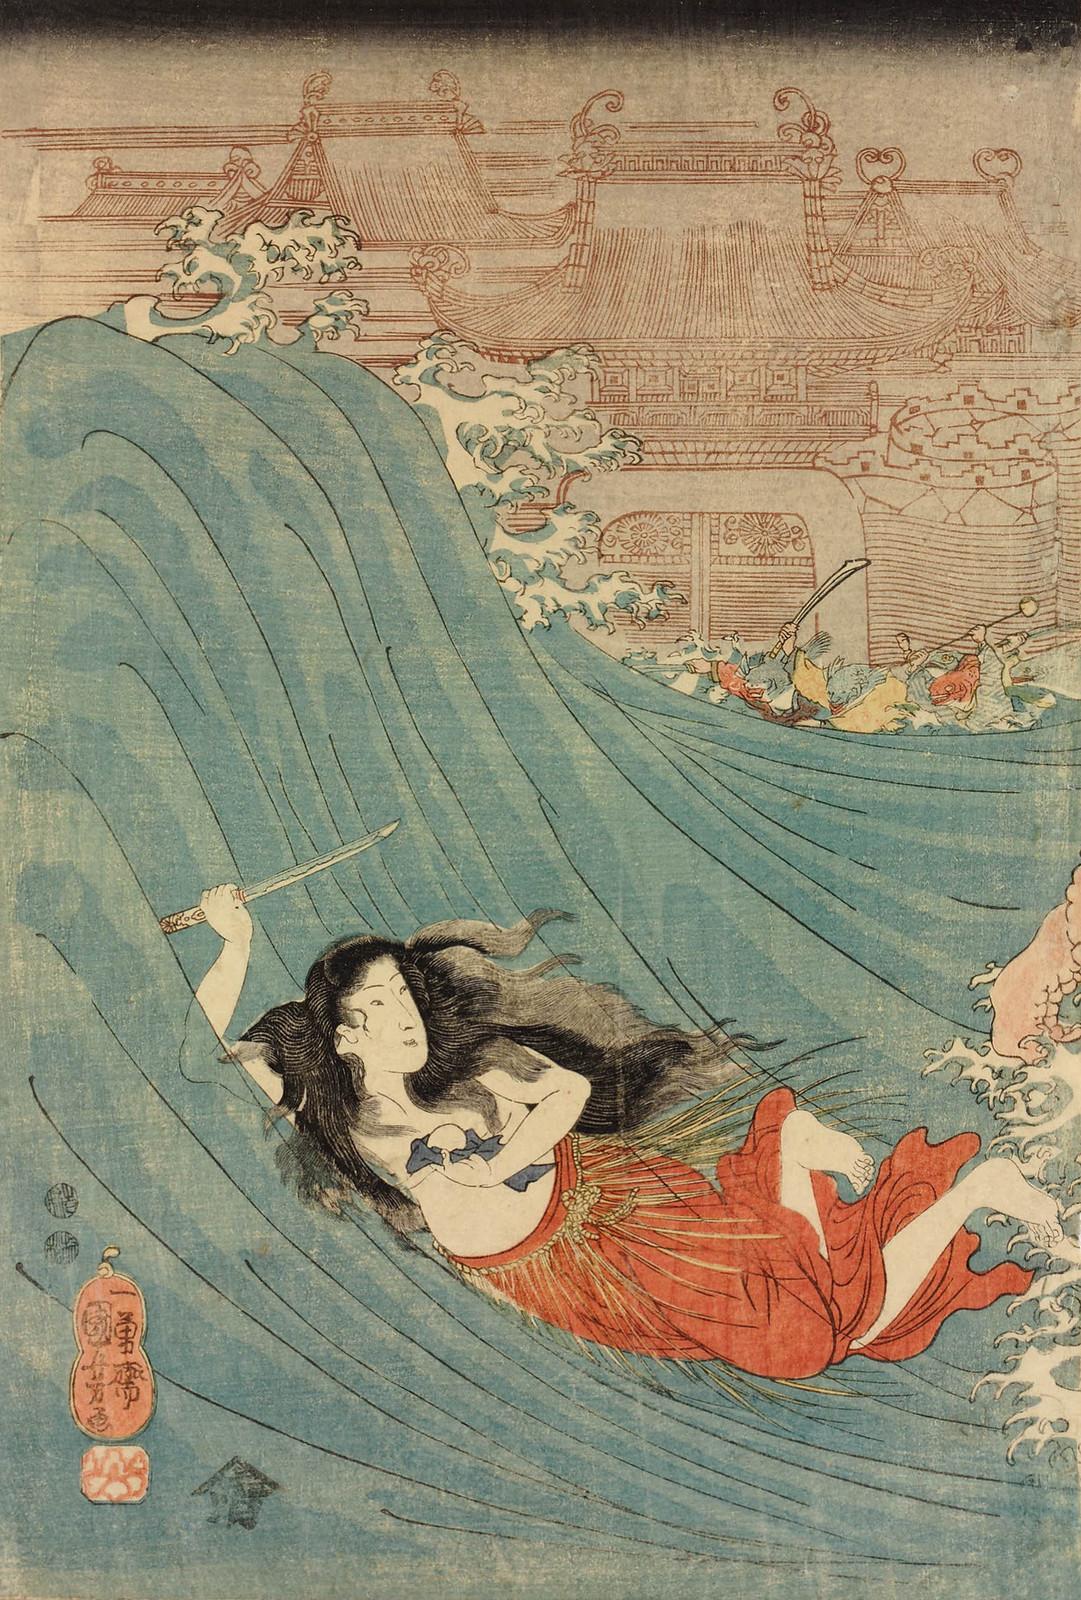 Utagawa Kuniyoshi - Shizu no ama otome Daishokan, 1847-48 (left panel)